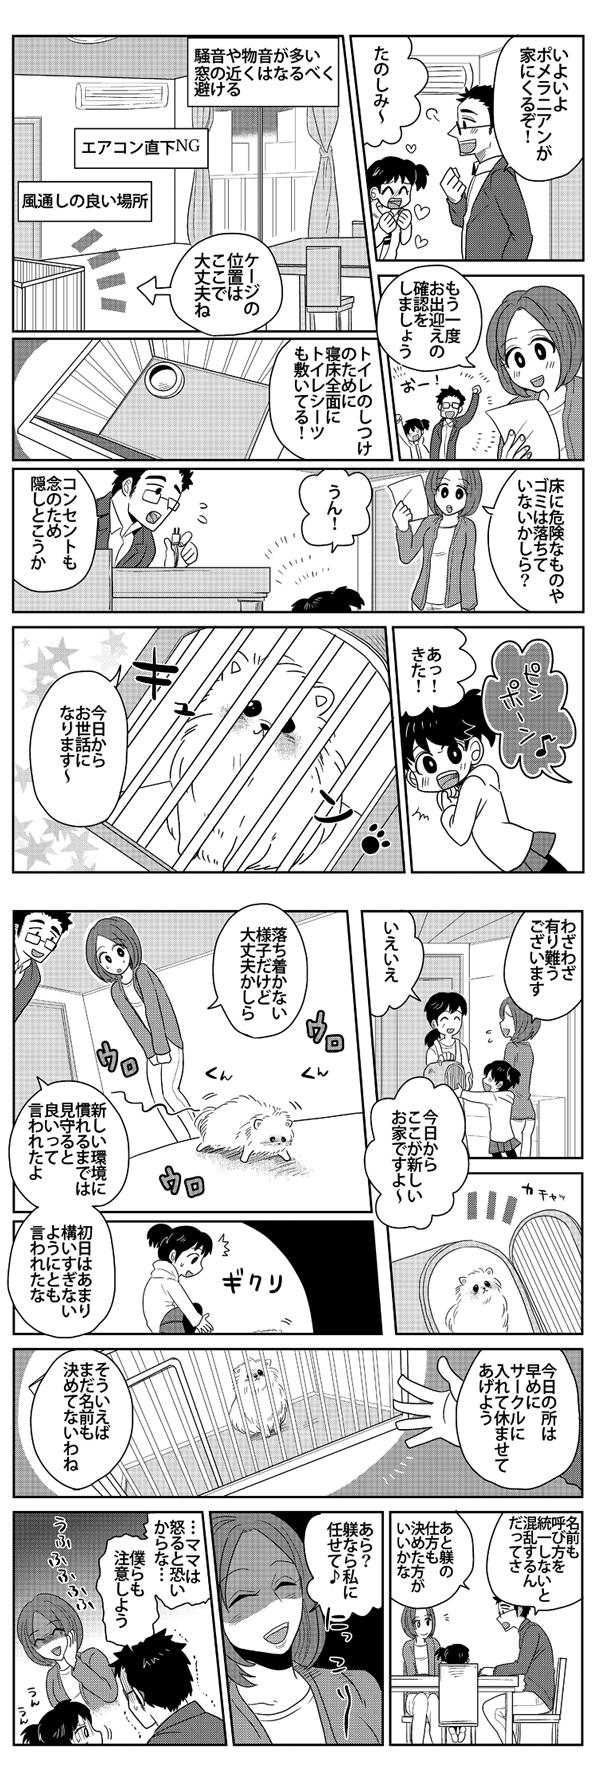 ポメラニアン漫画4